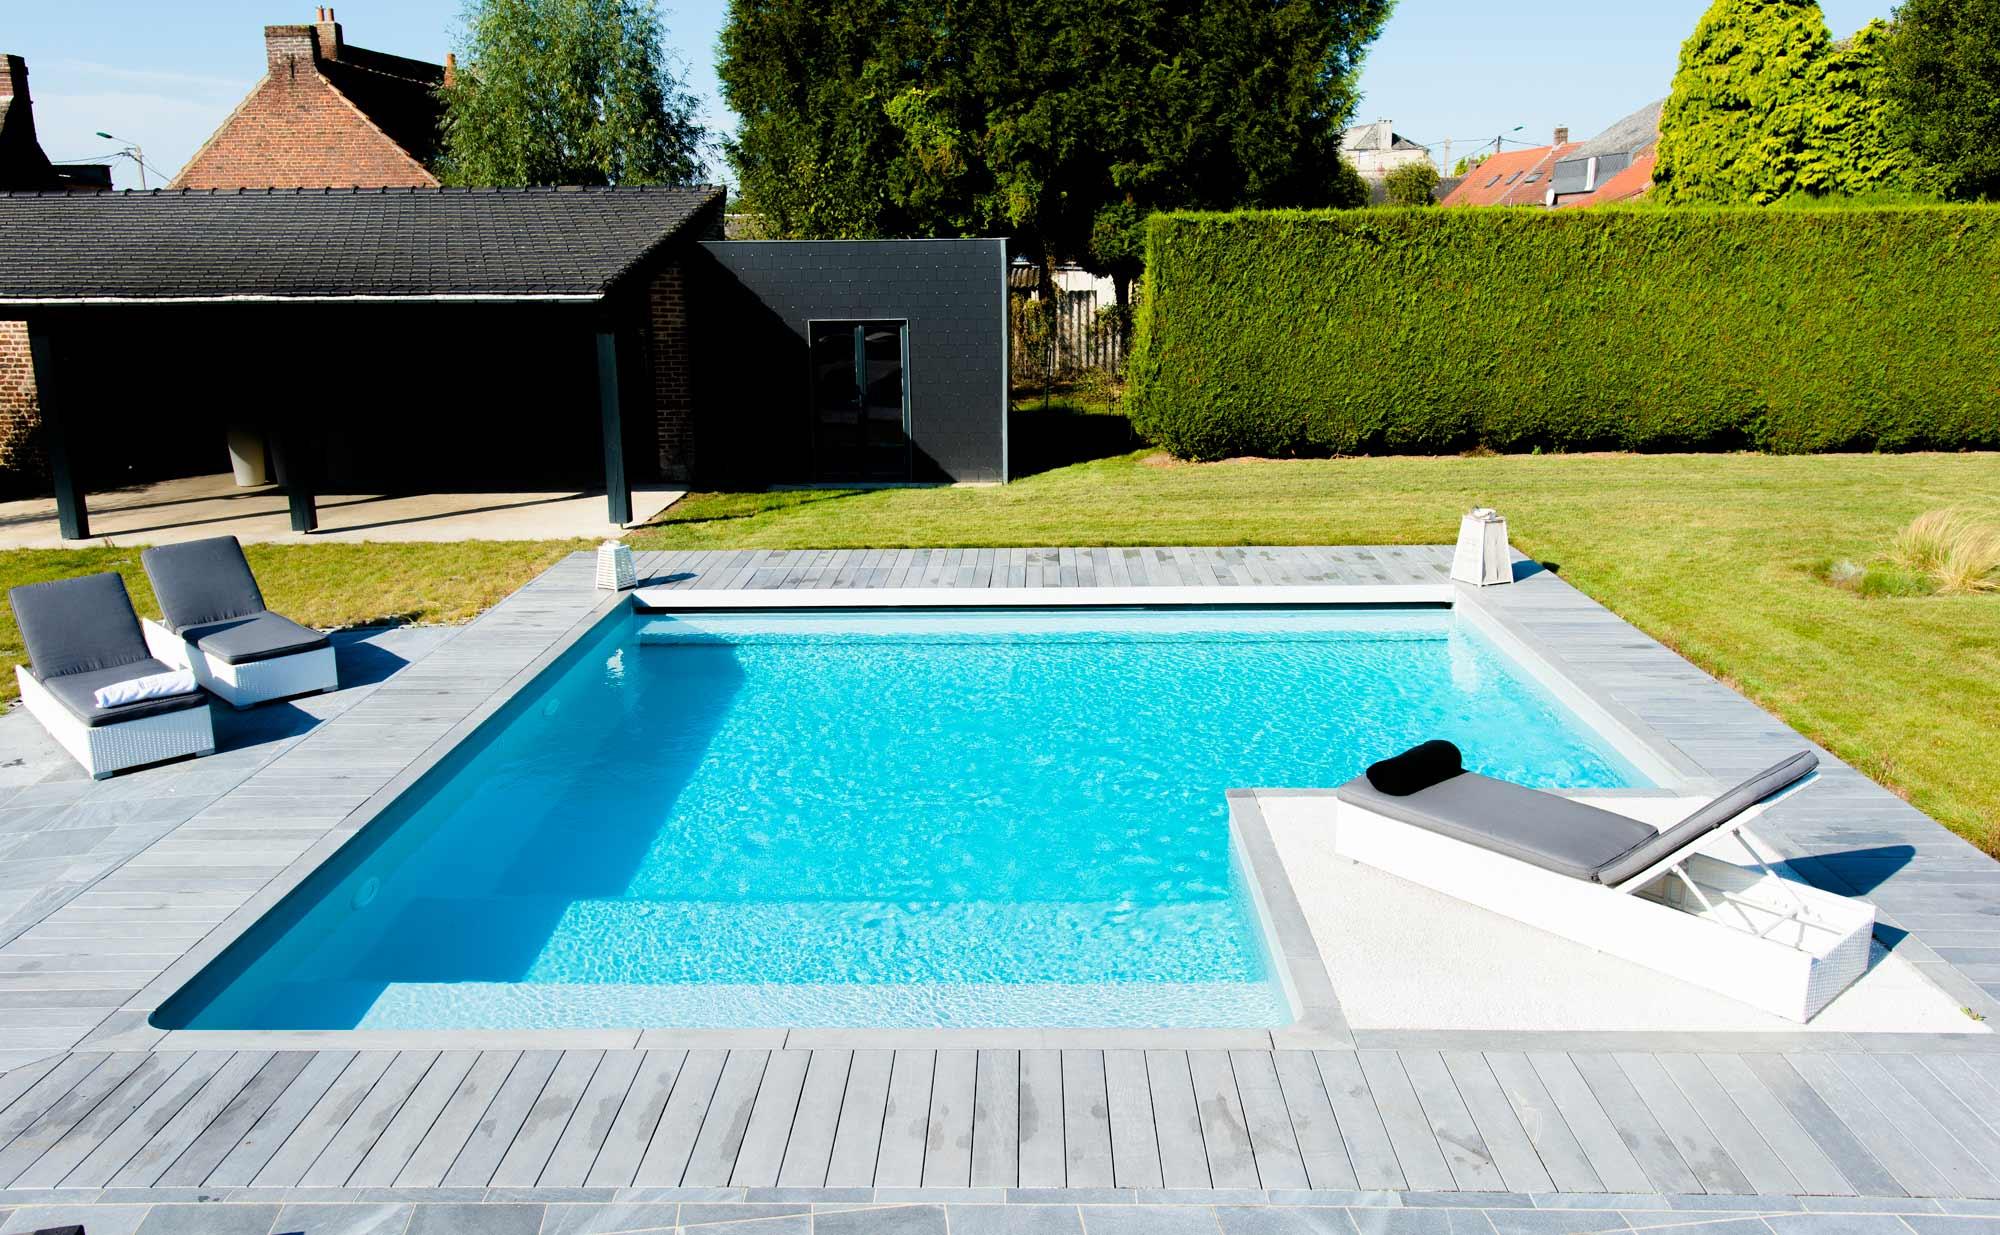 Maillard piscines et paysages dinan c tes d 39 armor et ille for Piscine et paysage